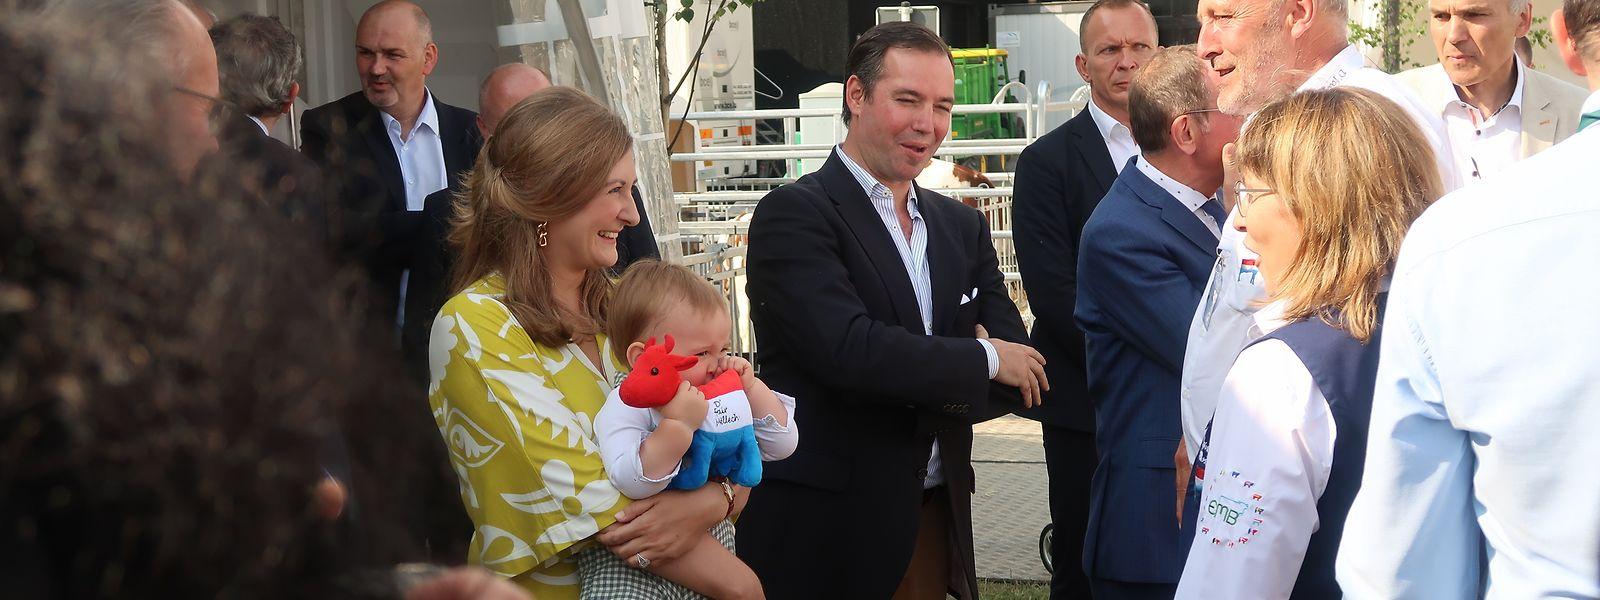 Das erbgroßherzogliche Paar ließ es sich nicht nehmen, die Foire agricole zu eröffnen. Während seine Eltern am Stand von Fair Mëllech Erklärungen erhalten, amüsiert sich Prinz Charles mit einem Stofftier.